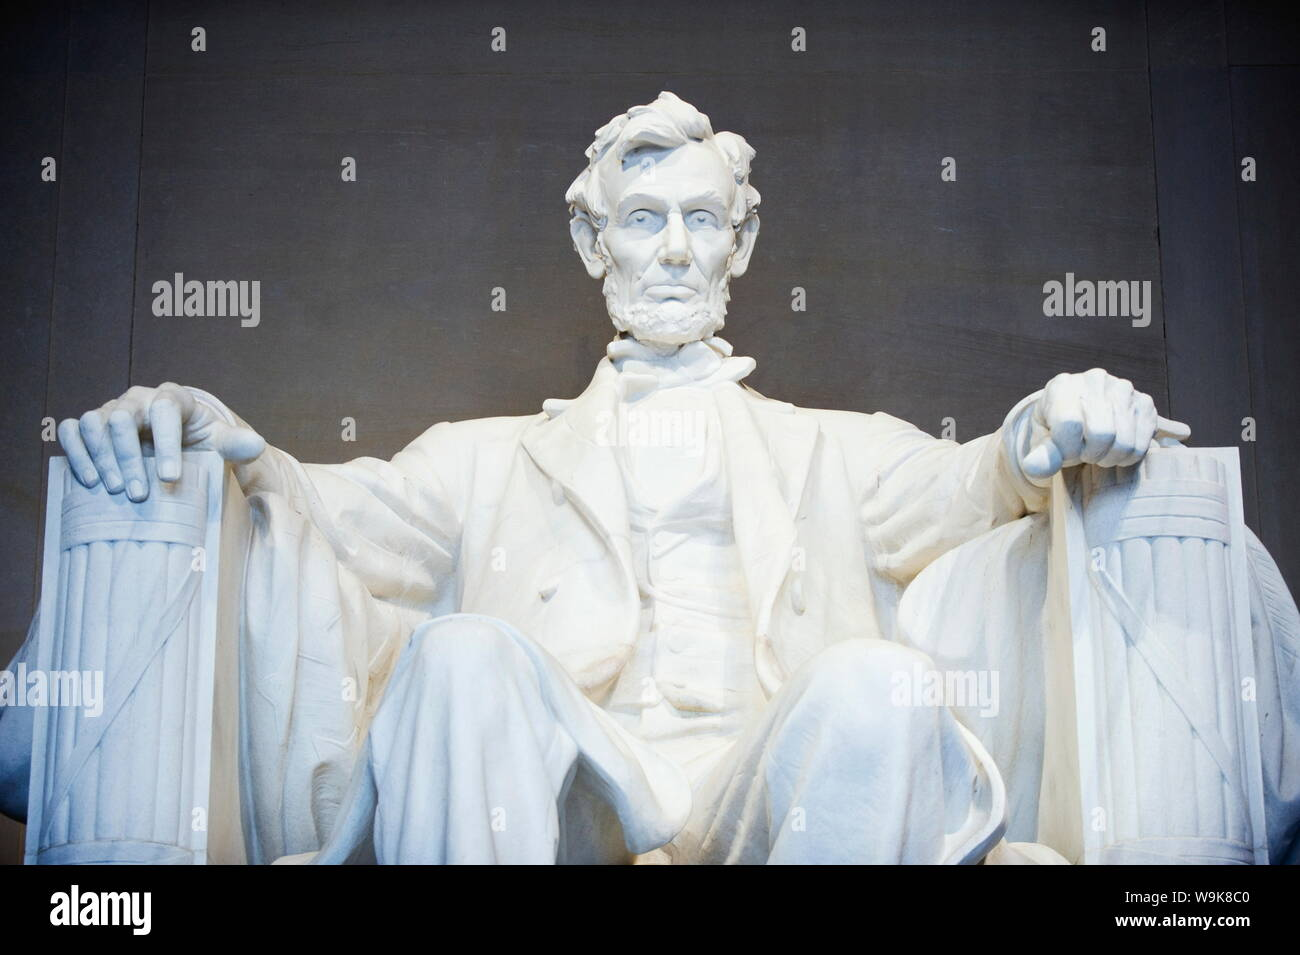 Lincoln Memorial, Washington D.C., Etats-Unis d'Amérique, Amérique du Nord Banque D'Images